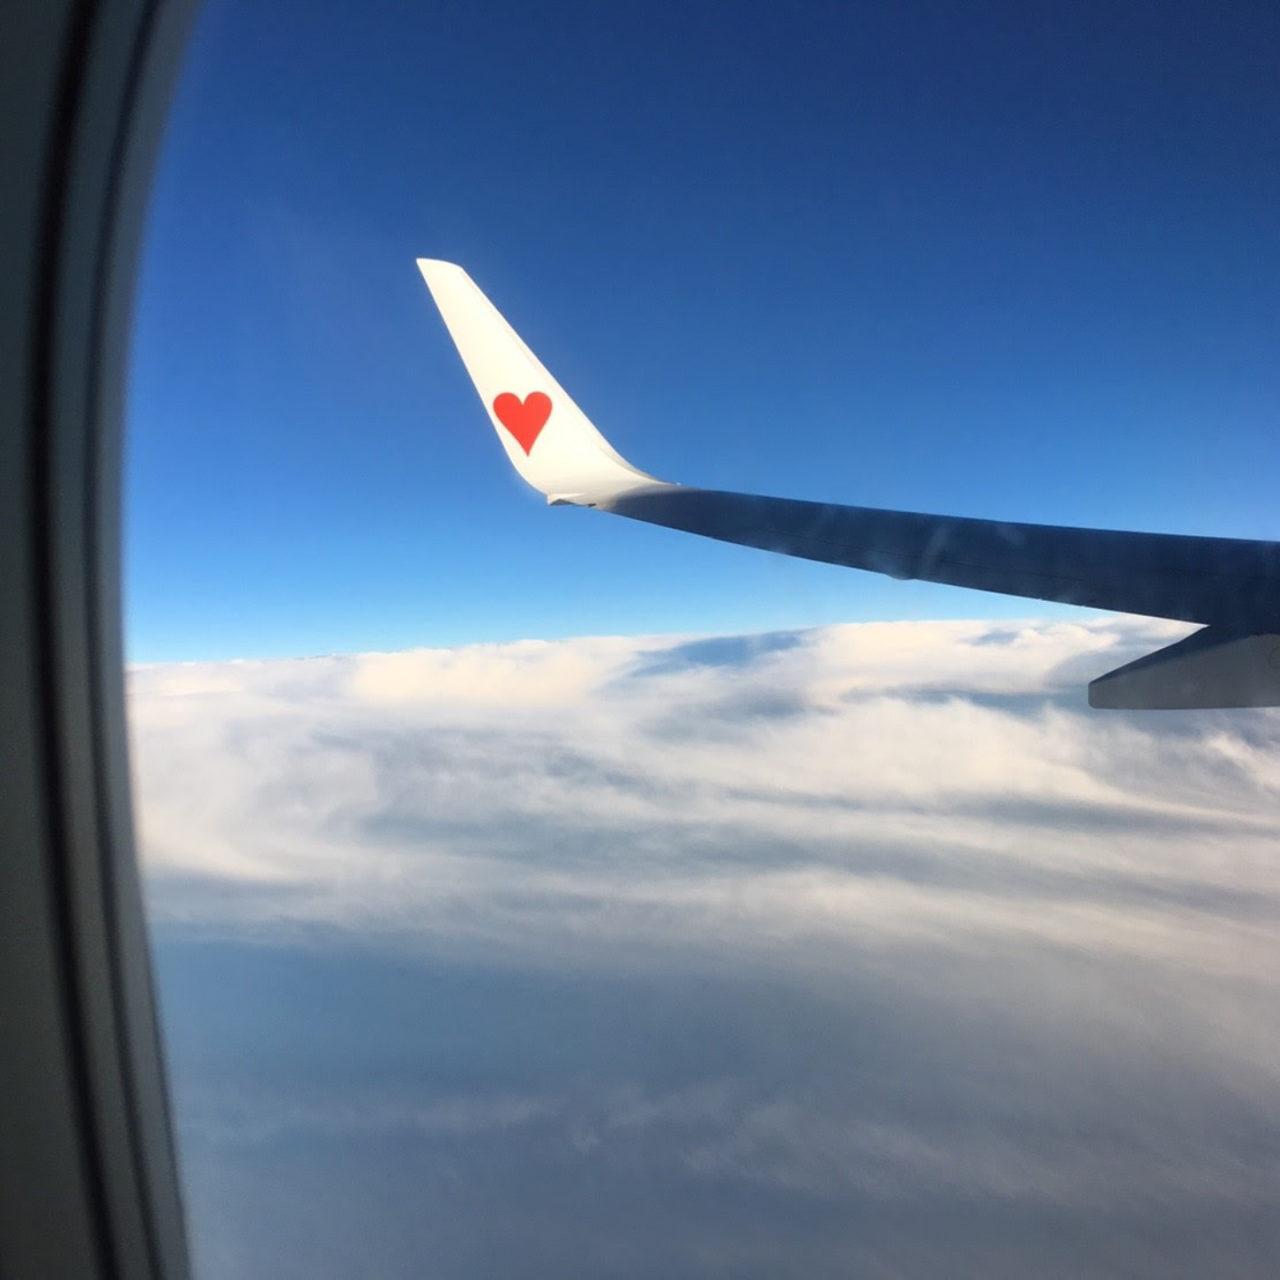 飛行機に搭乗したときの雲の上のようす